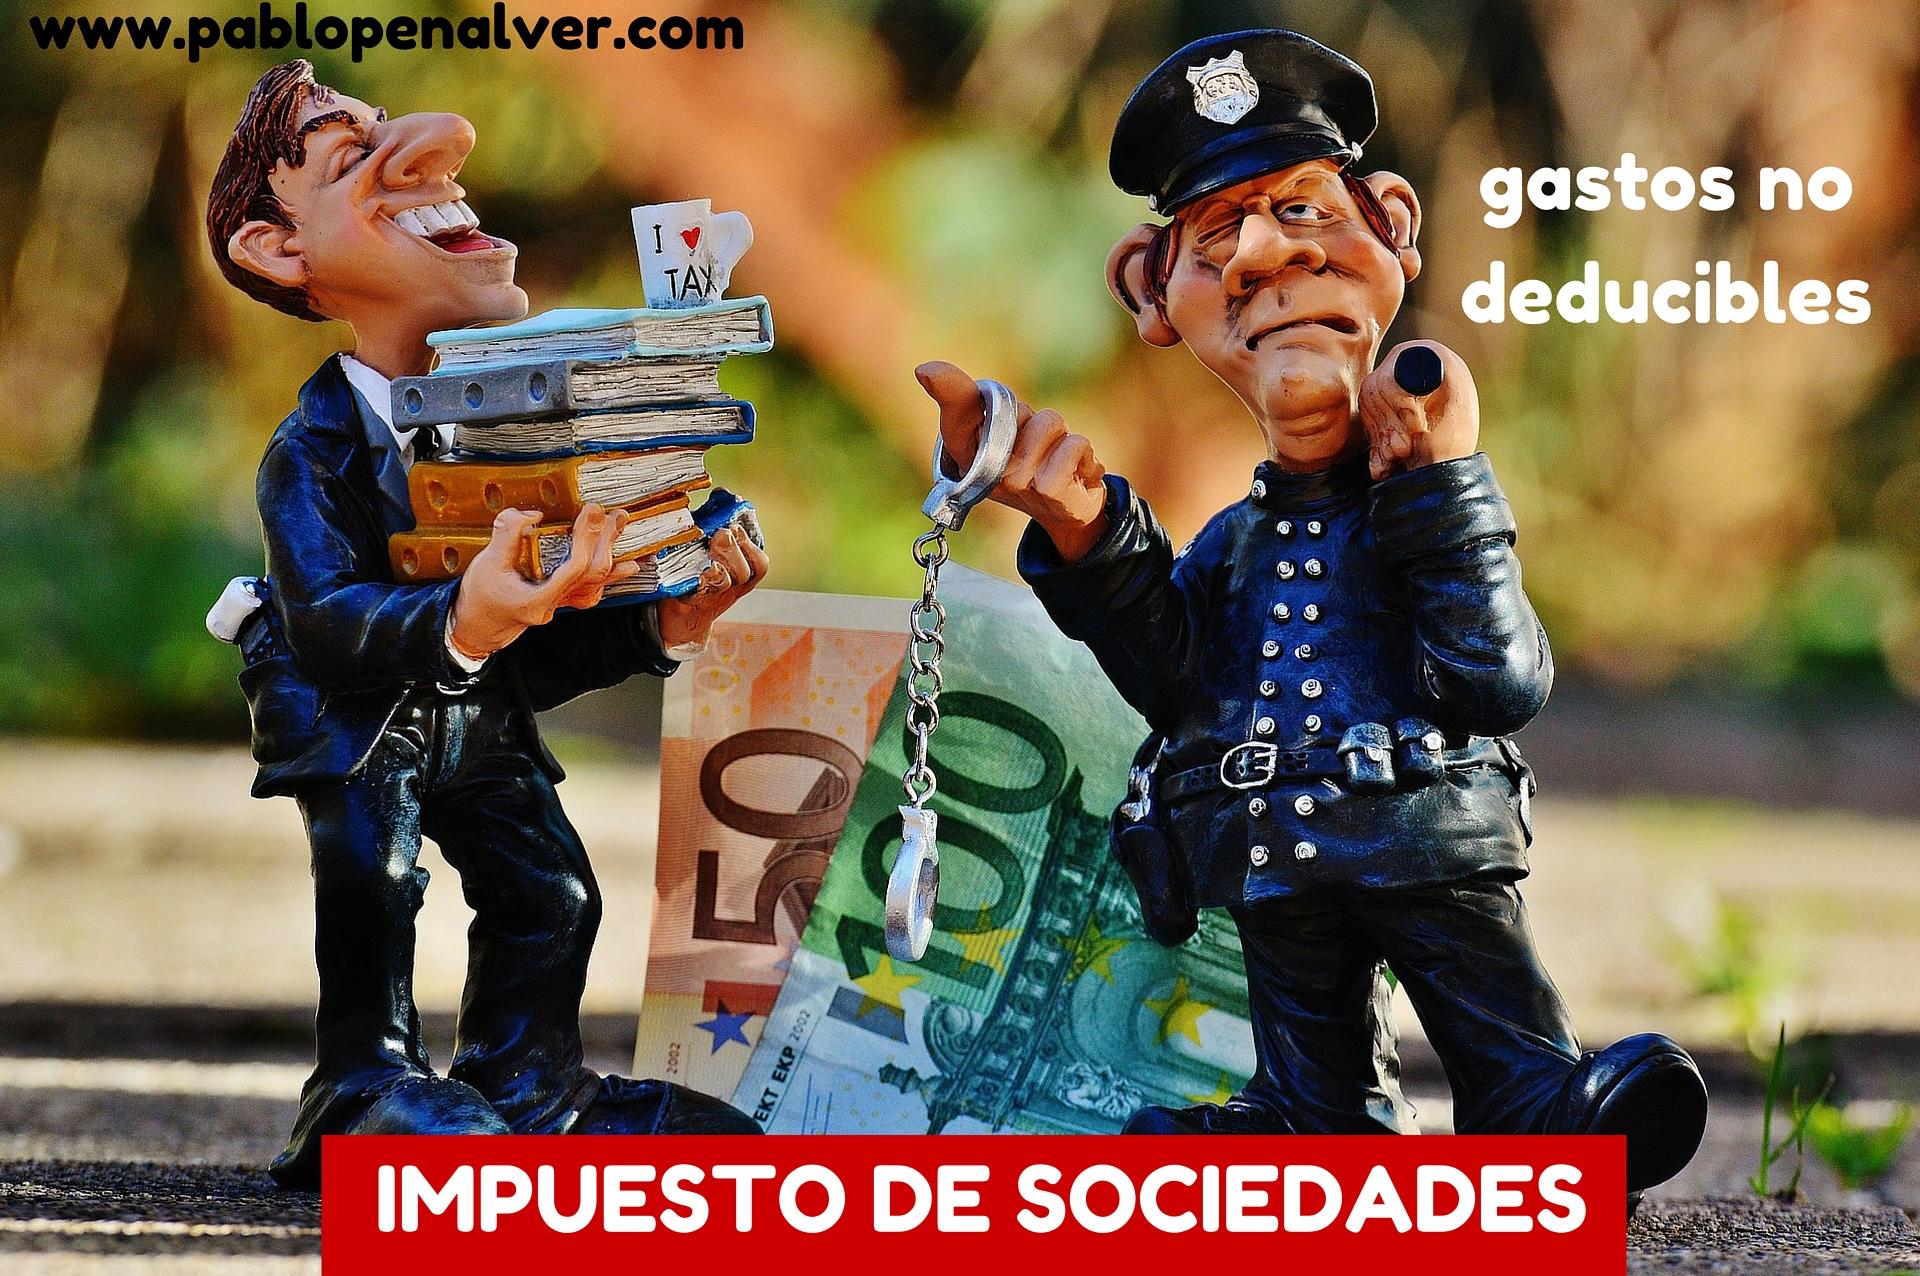 IS gastos NO